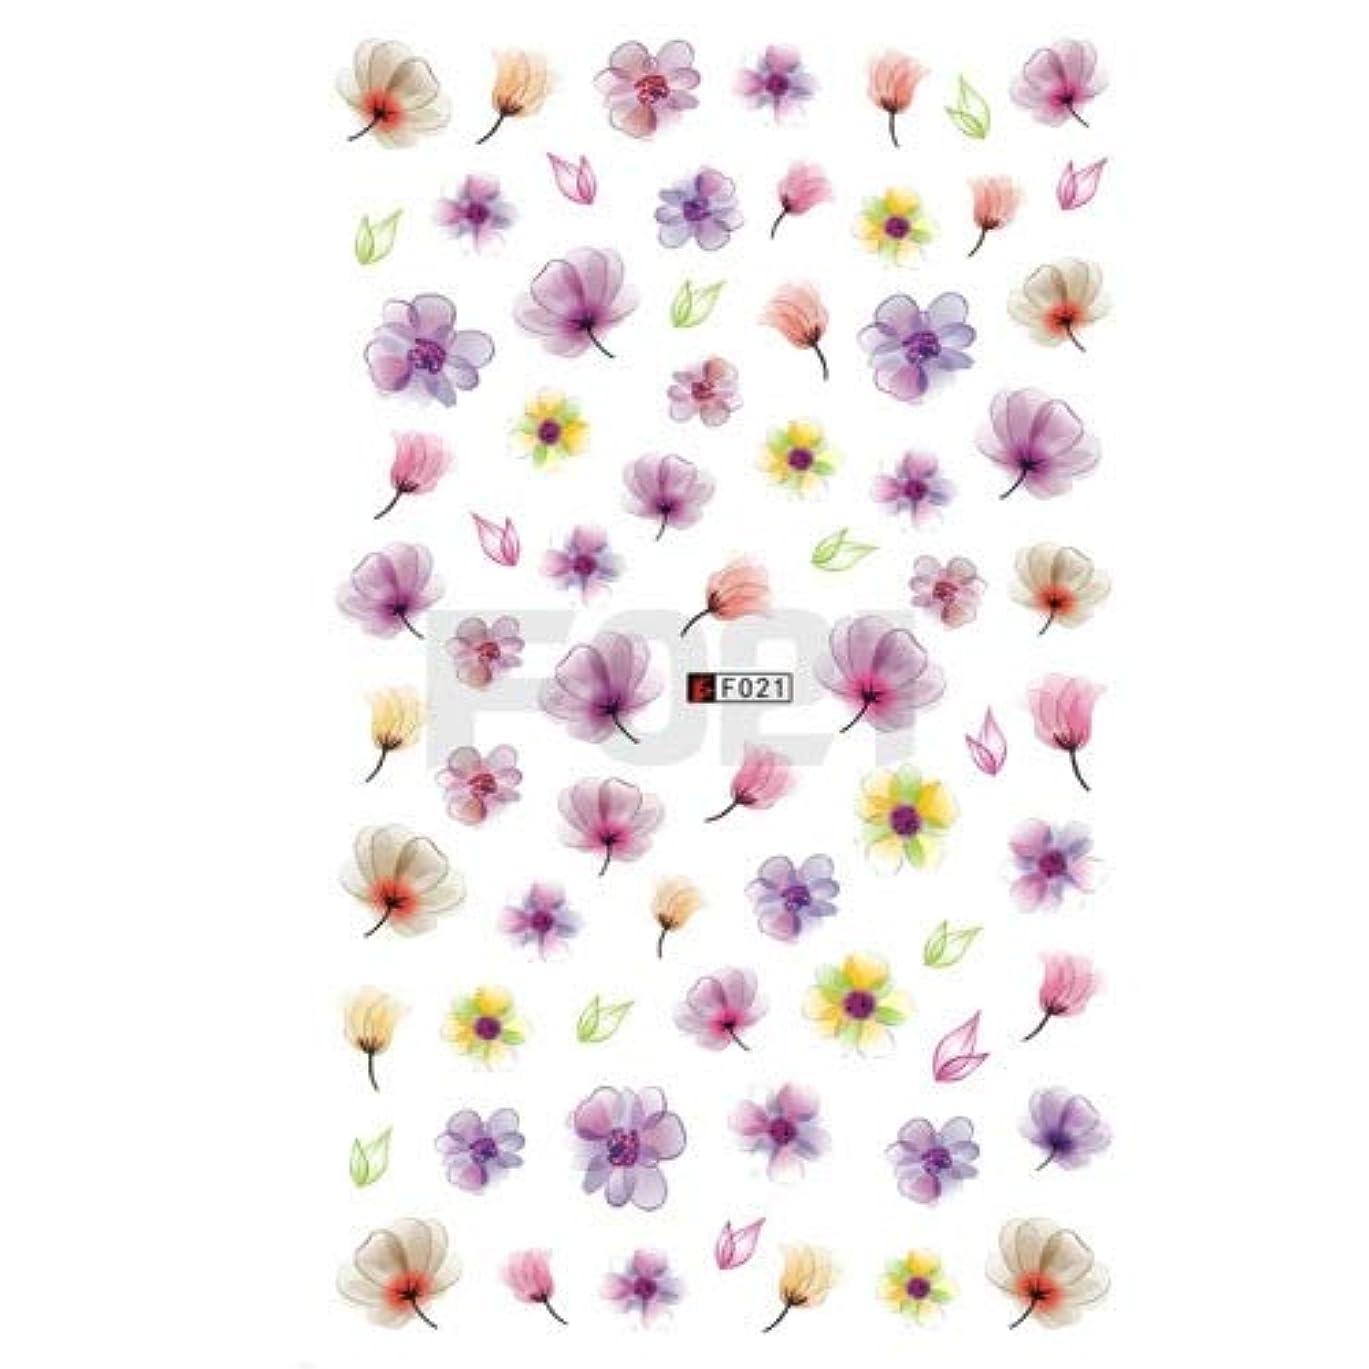 手足ビューティーケア 3個の3Dネイルステッカー咲く花3Dネイルアートステッカーデカール(F199) (色 : F021)